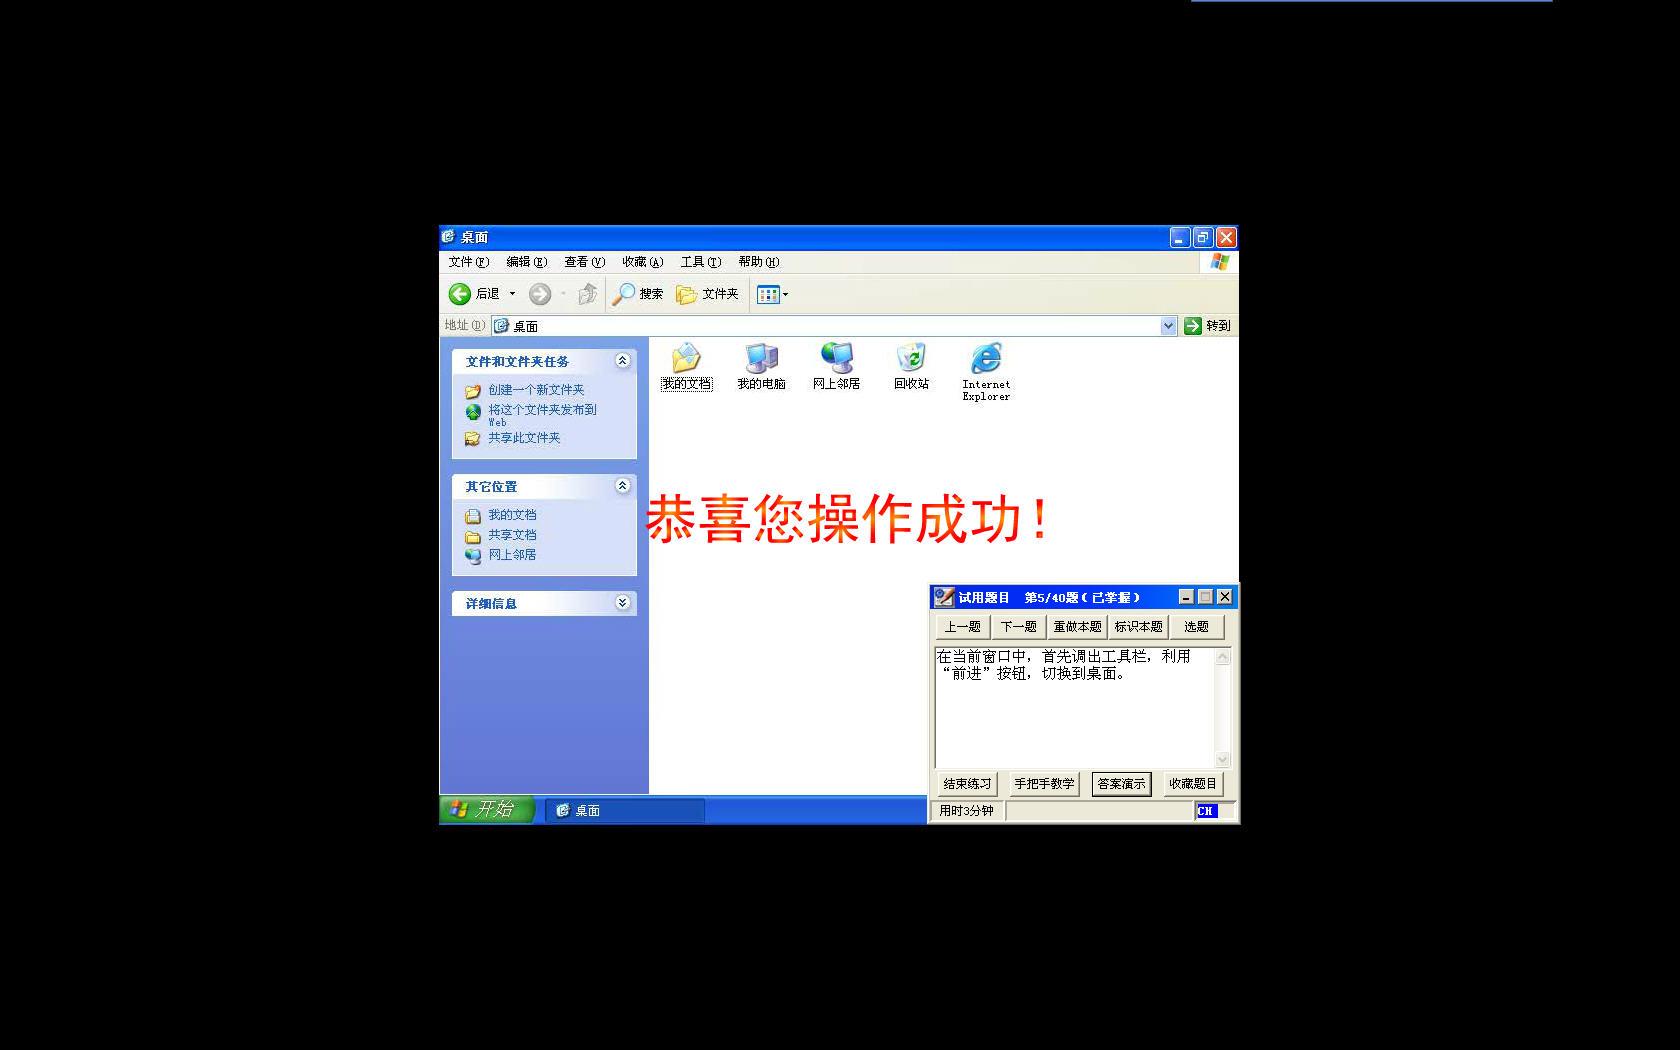 智考优品全国职称计算机模拟考试系统V13.2